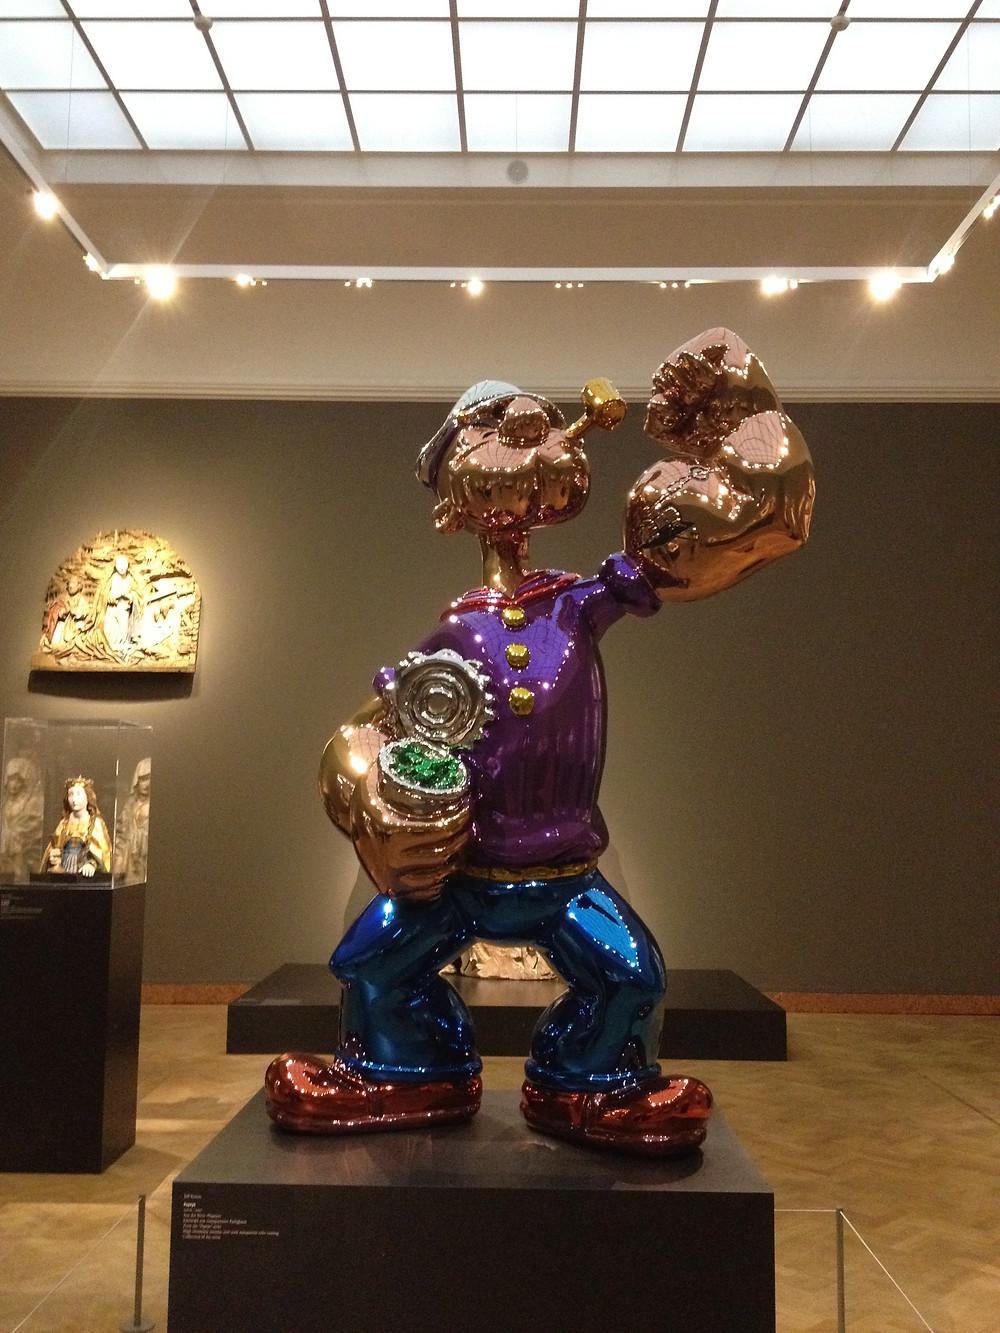 Popeye-by-Jeff-Koons.jpg